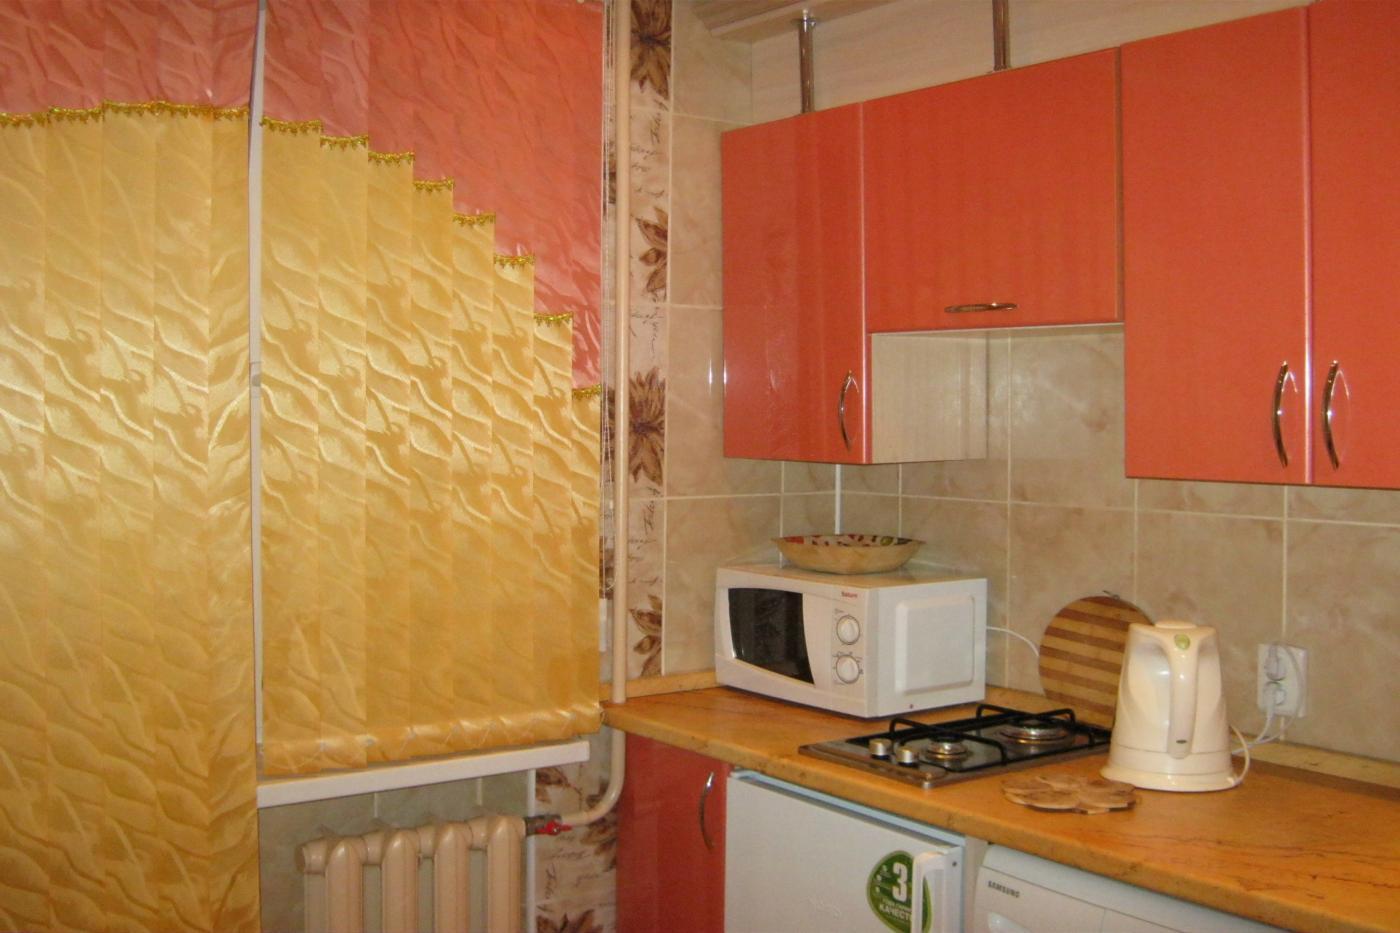 1-комнатная квартира посуточно (вариант № 1545), ул. Гоголя улица, фото № 5